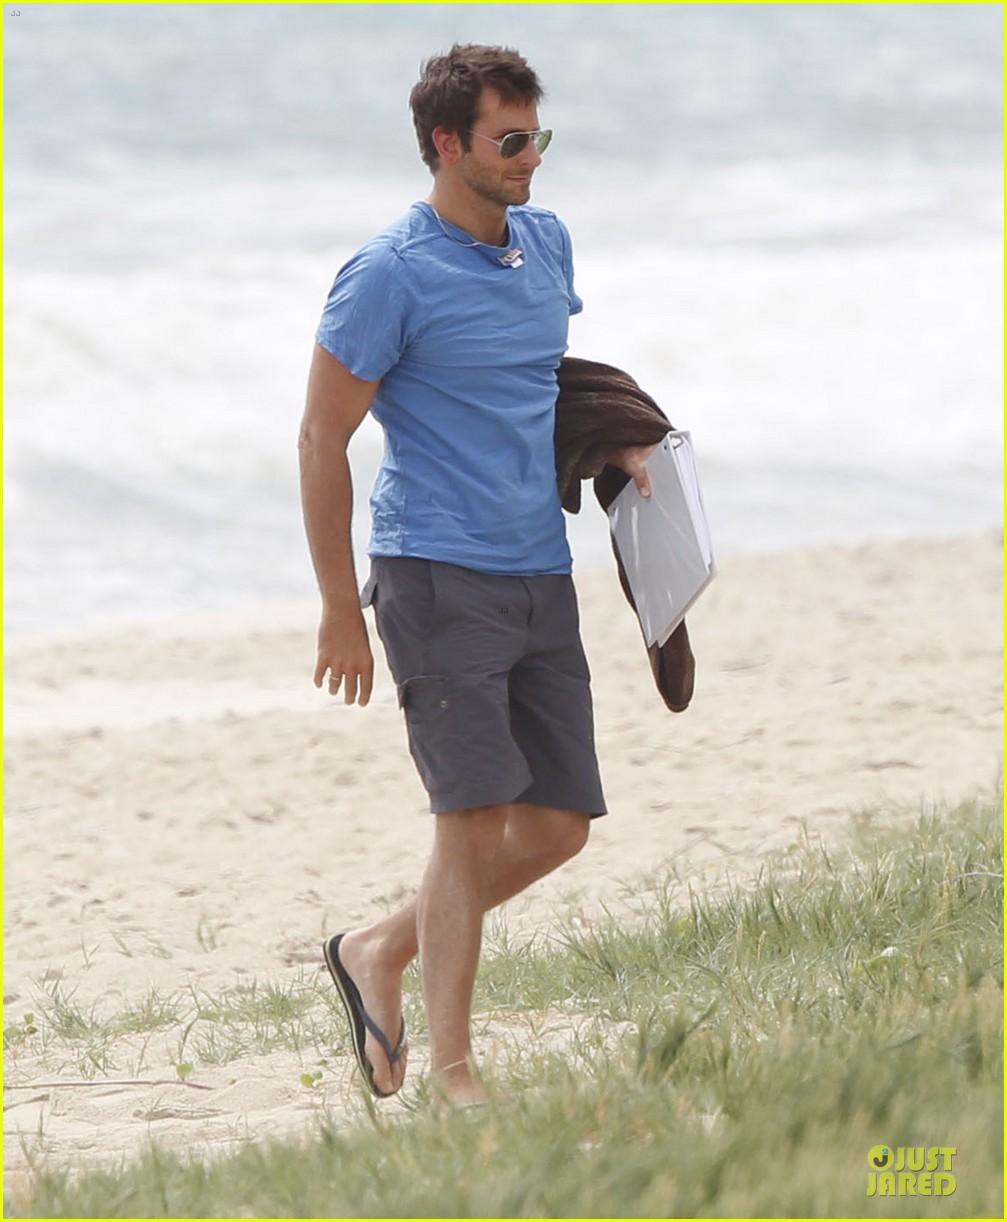 bradley cooper shirtless relaxing beach stud in hawaii 012952276